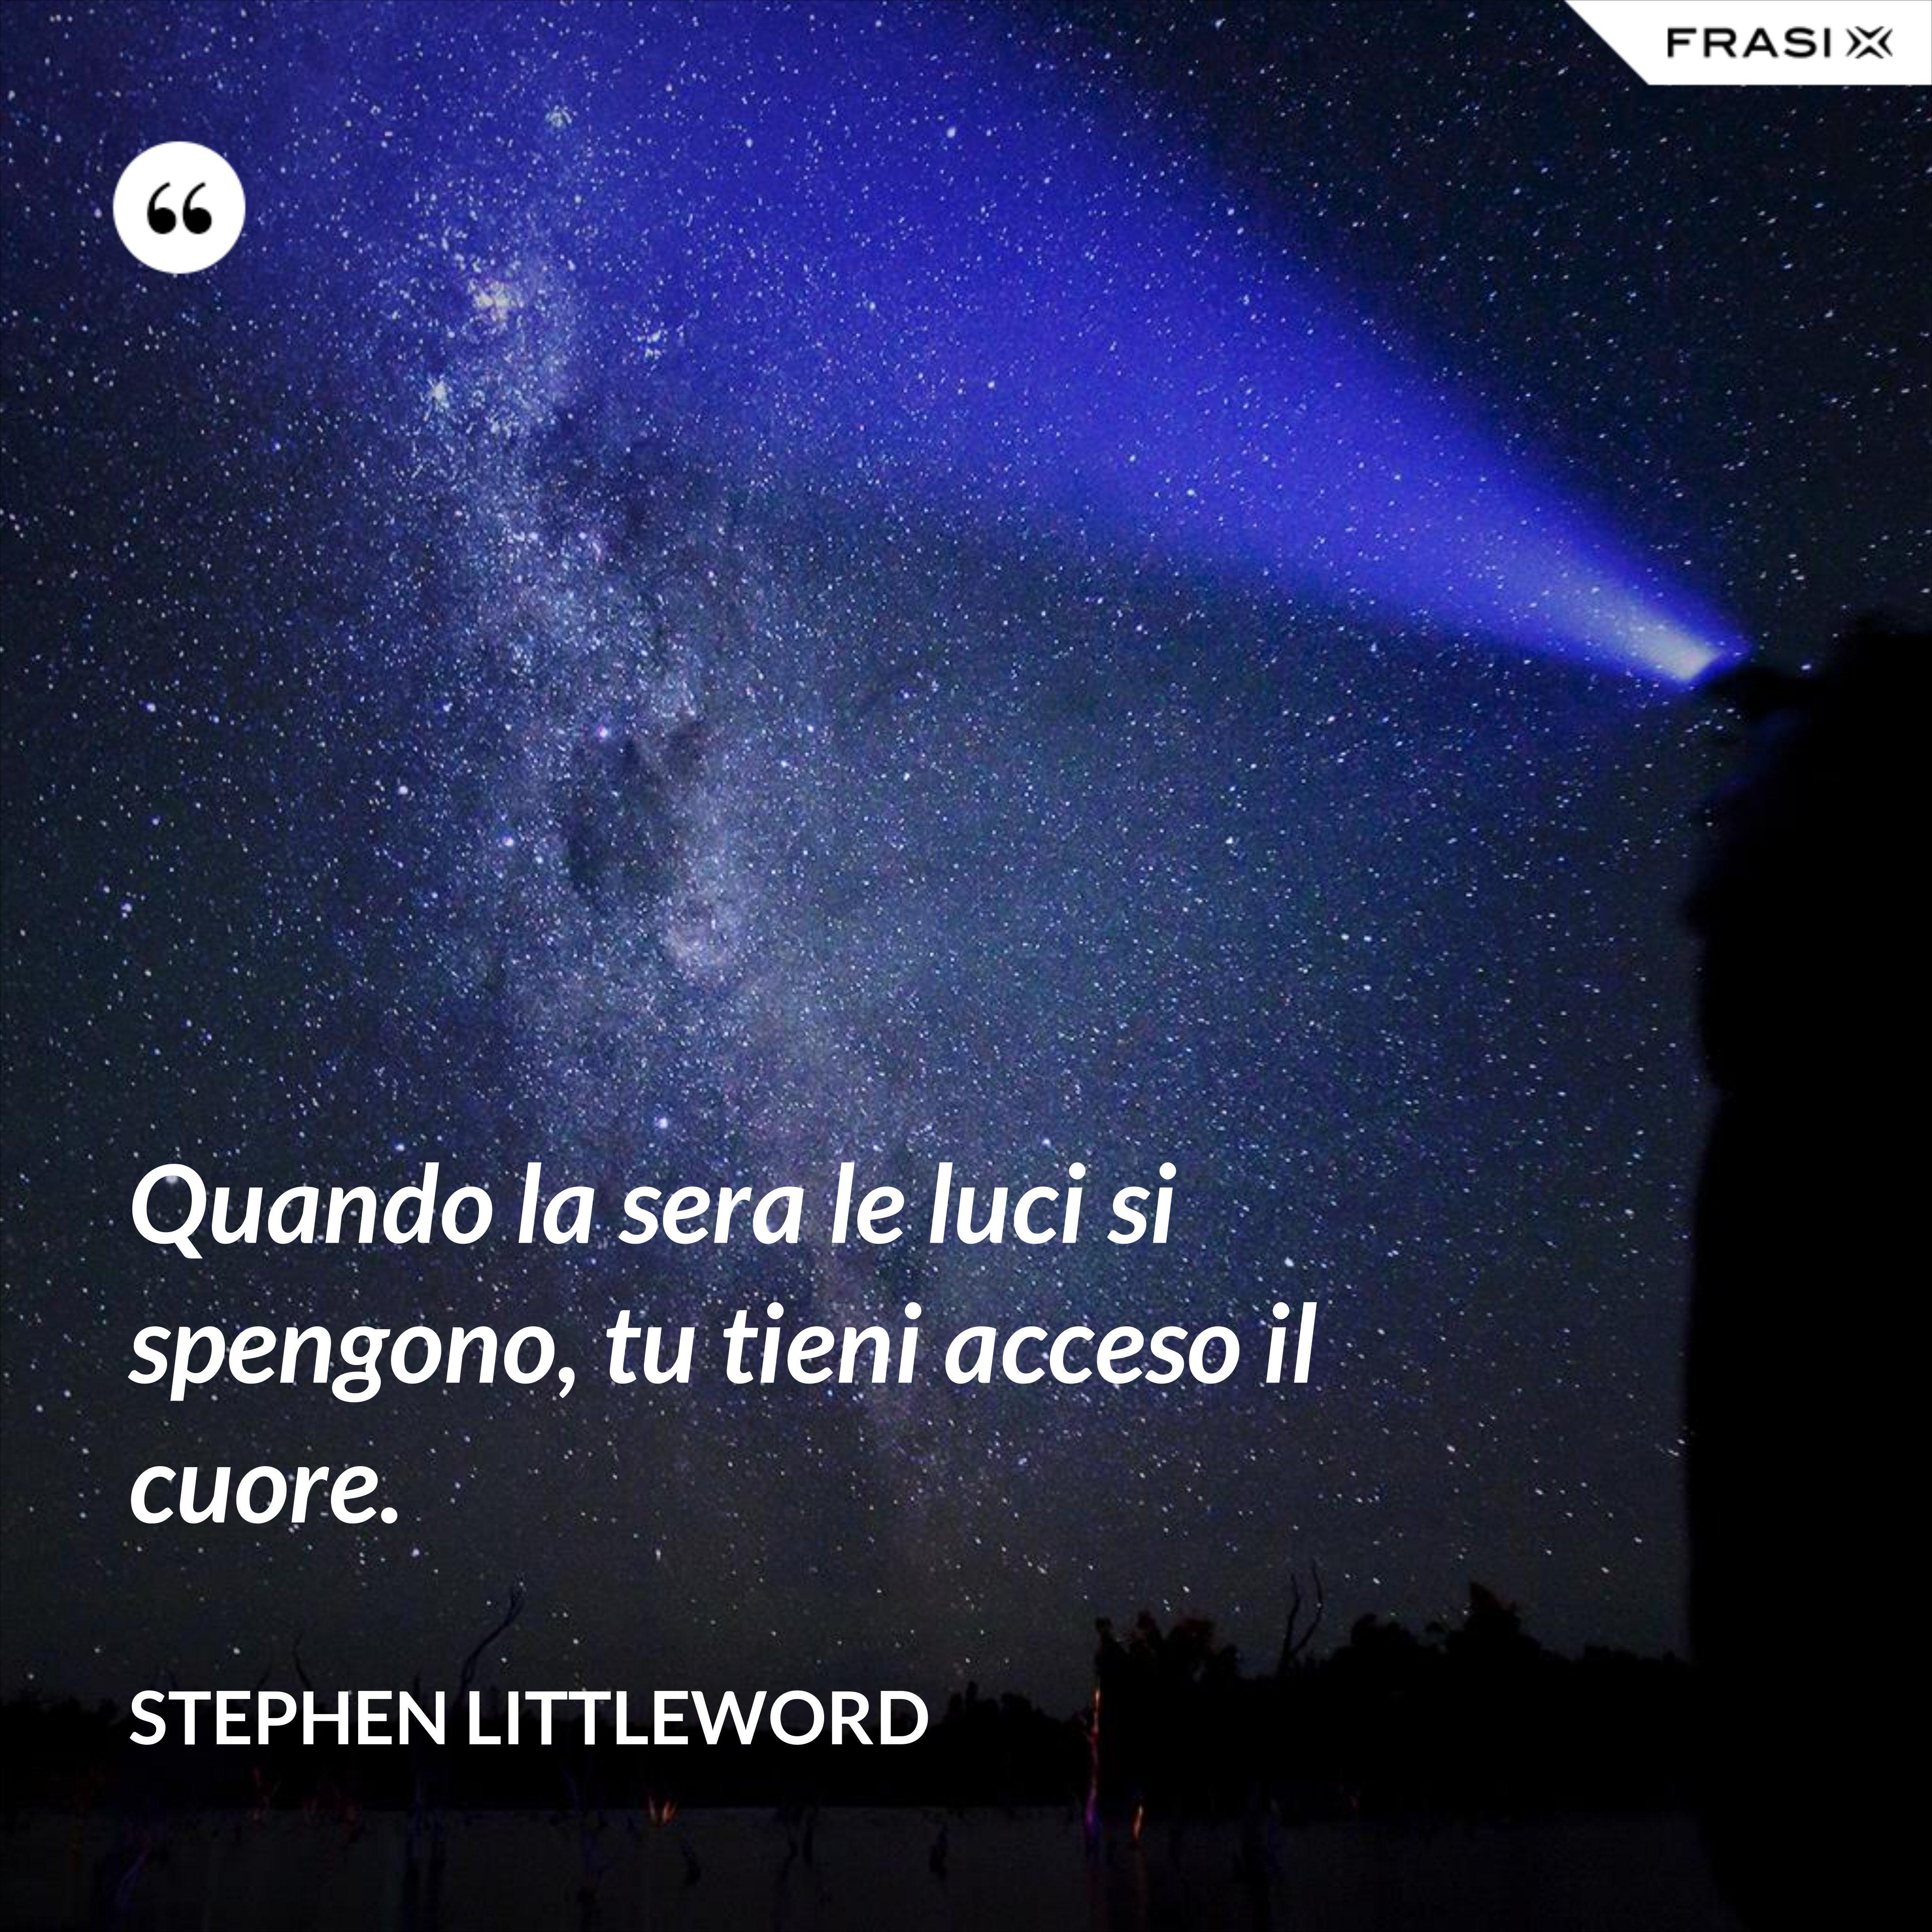 Quando la sera le luci si spengono, tu tieni acceso il cuore. - Stephen Littleword